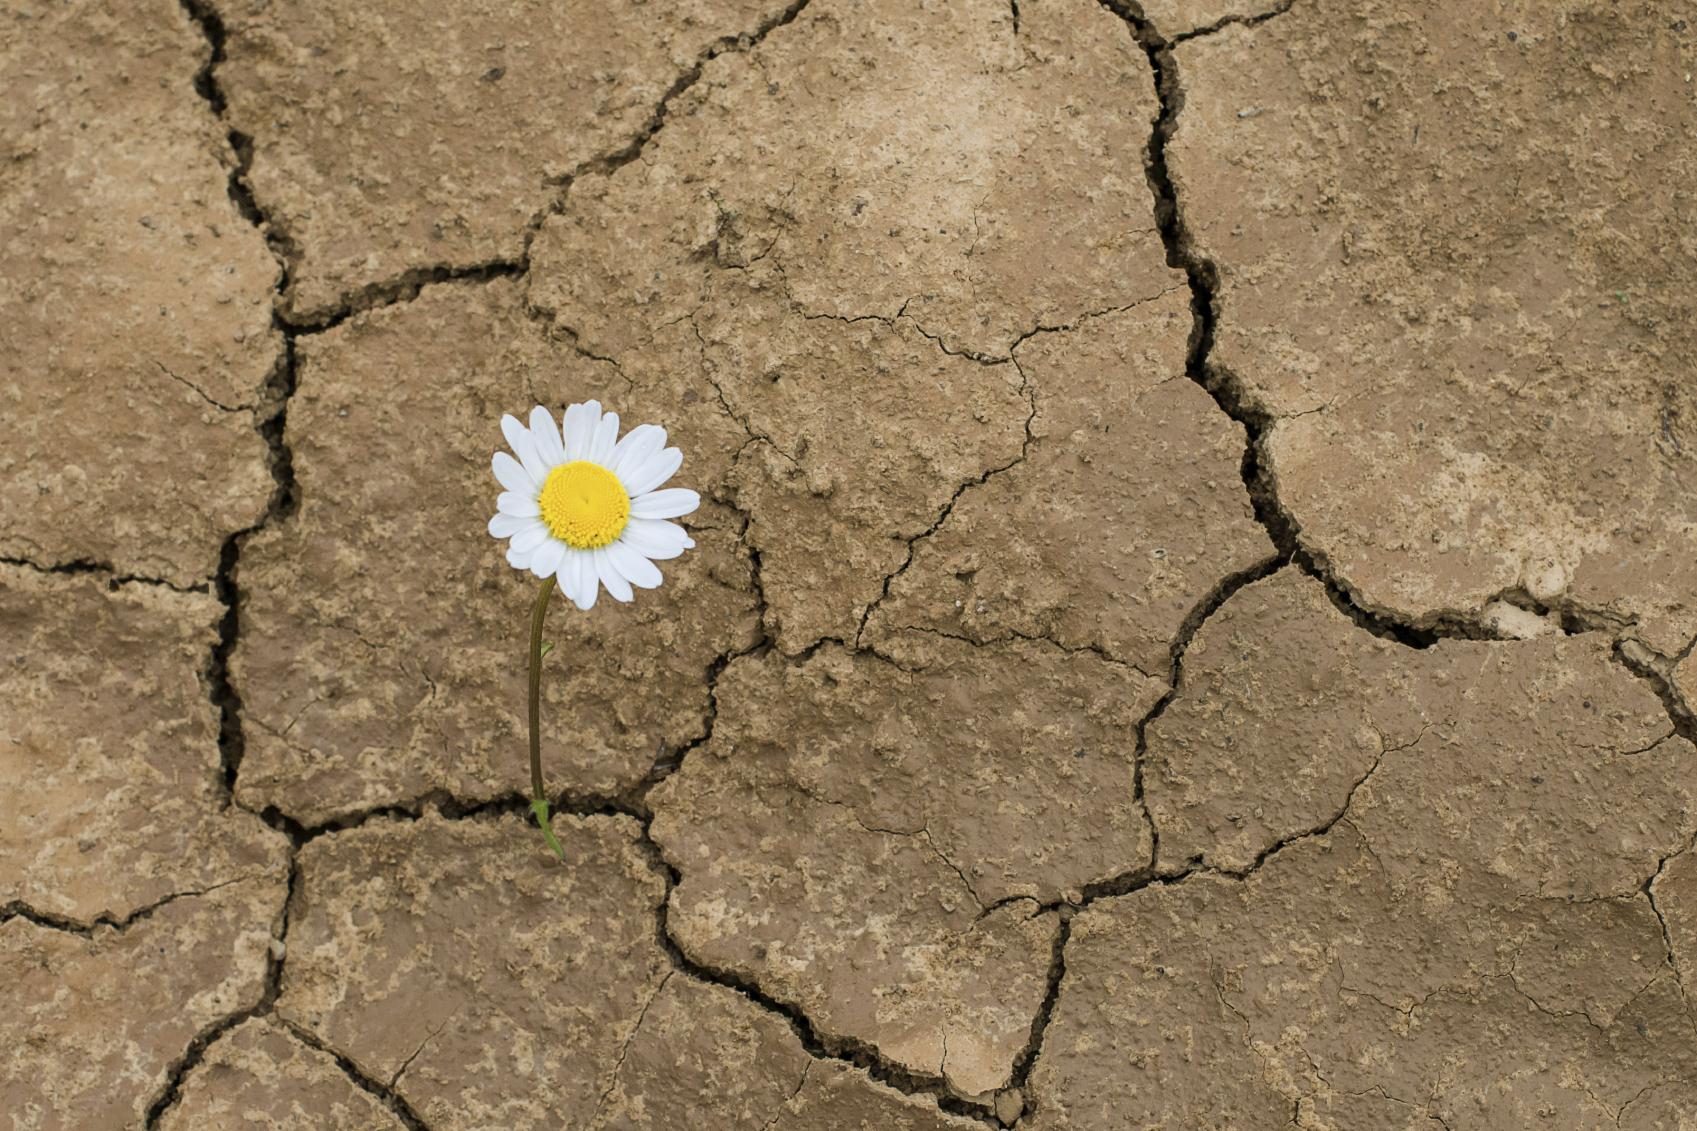 Desastres naturales afectan la agricultura con mayor impacto